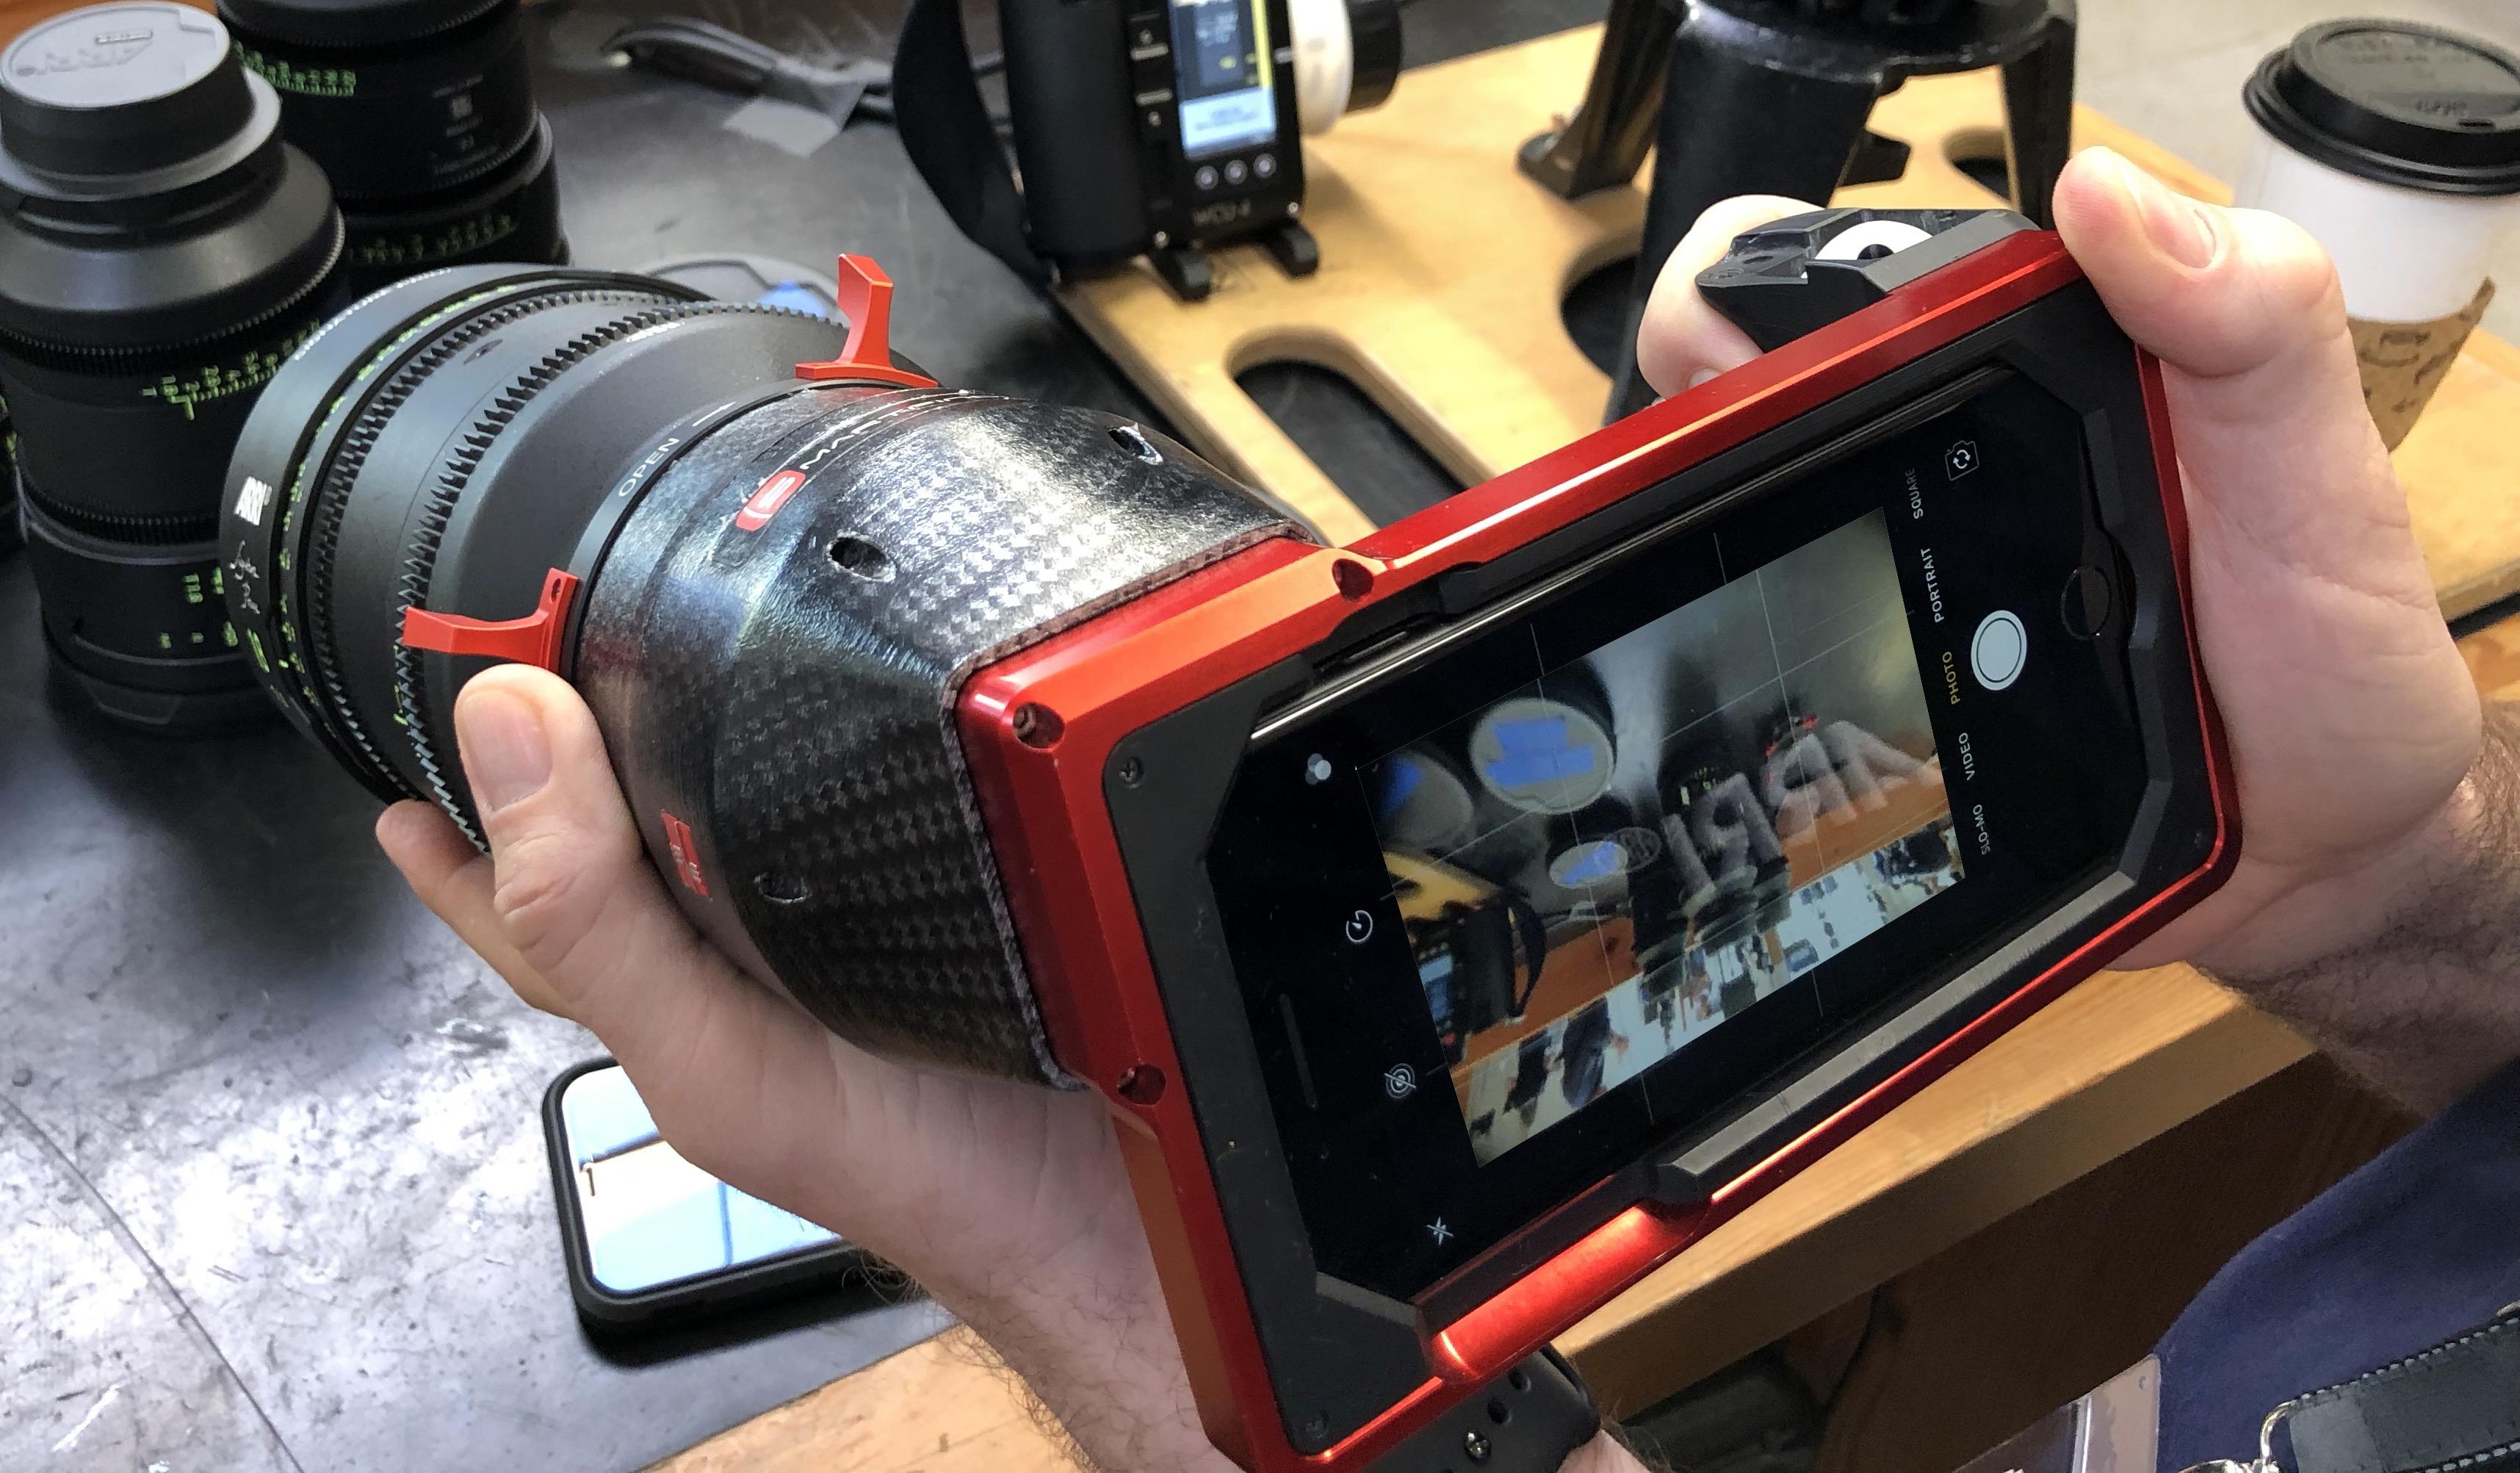 Quick look: IBE Optics SmartfinderPro 5